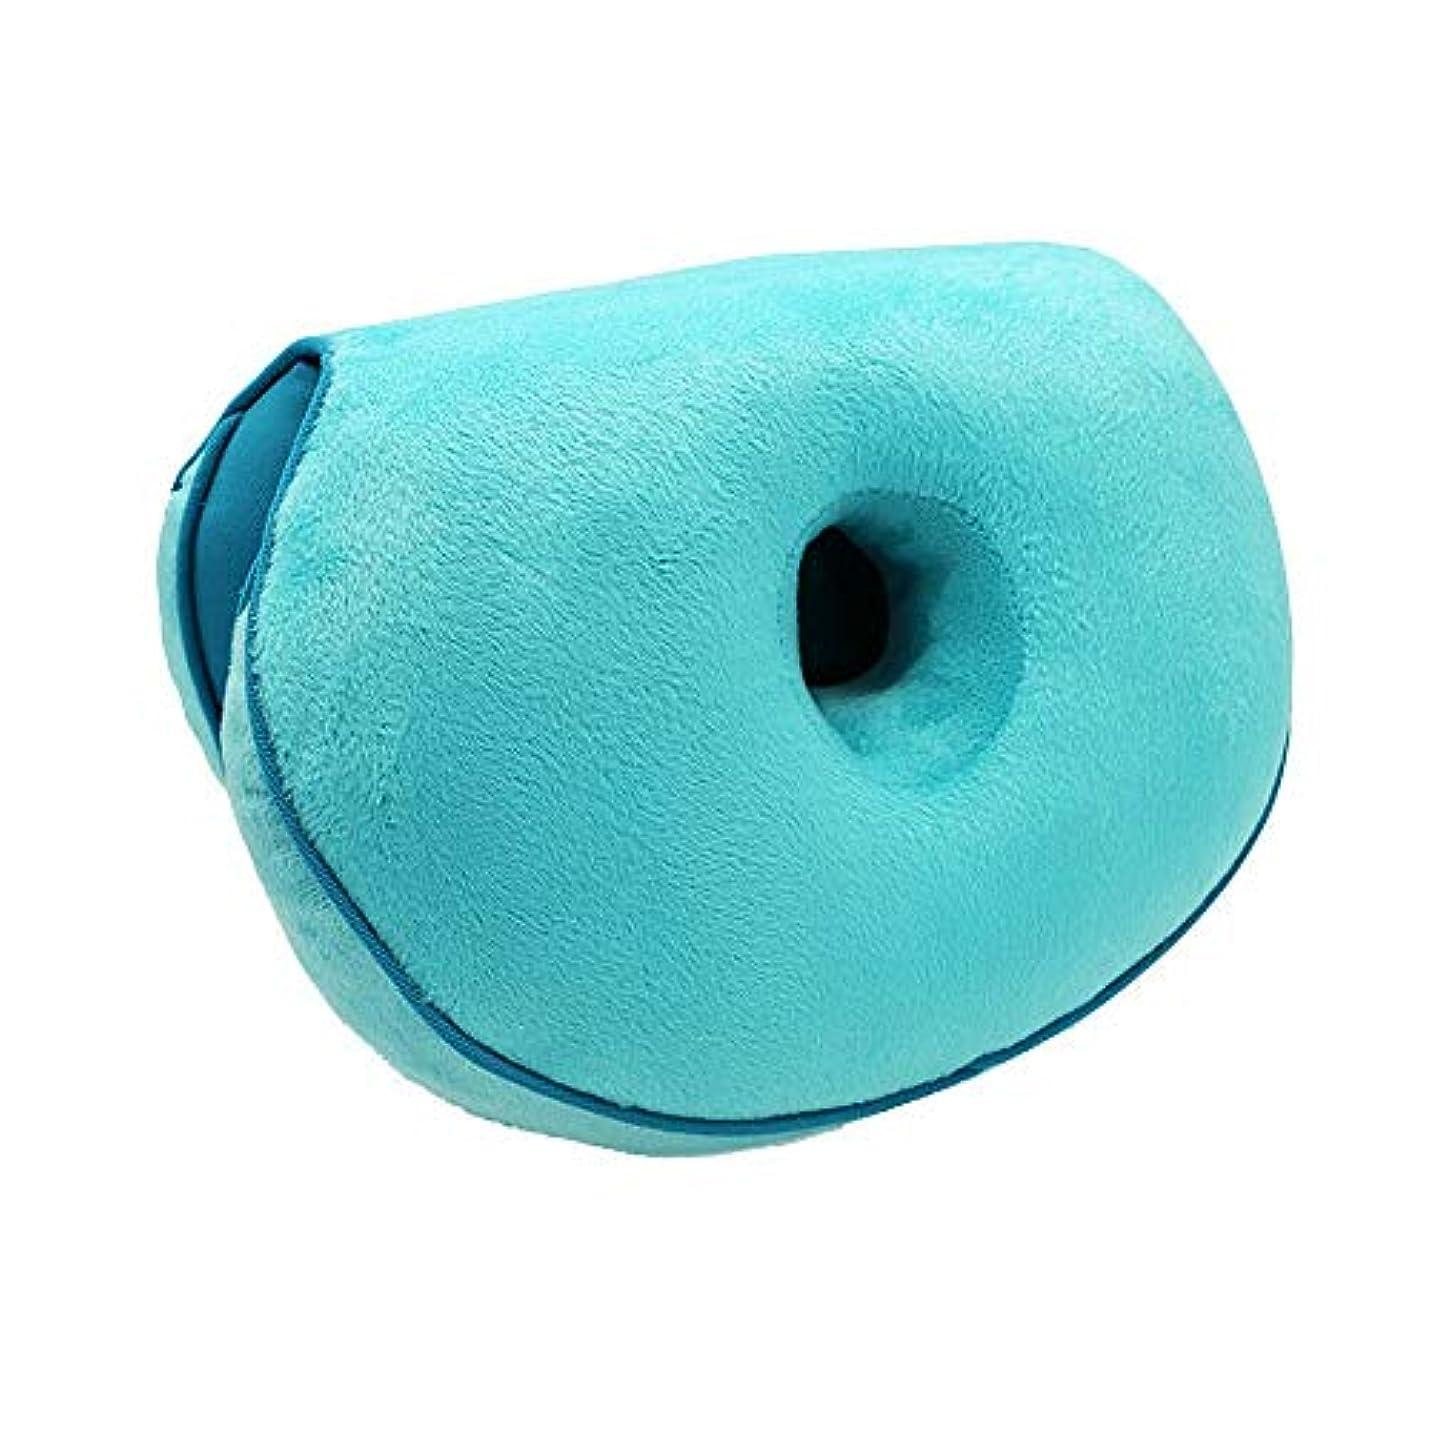 トロピカル自治的アマゾンジャングルLIFE 新デュアルシートクッション低反発ラテックスオフィスチェアバックシートクッション快適な臀部マットパッド枕旅行枕女性女の子 クッション 椅子